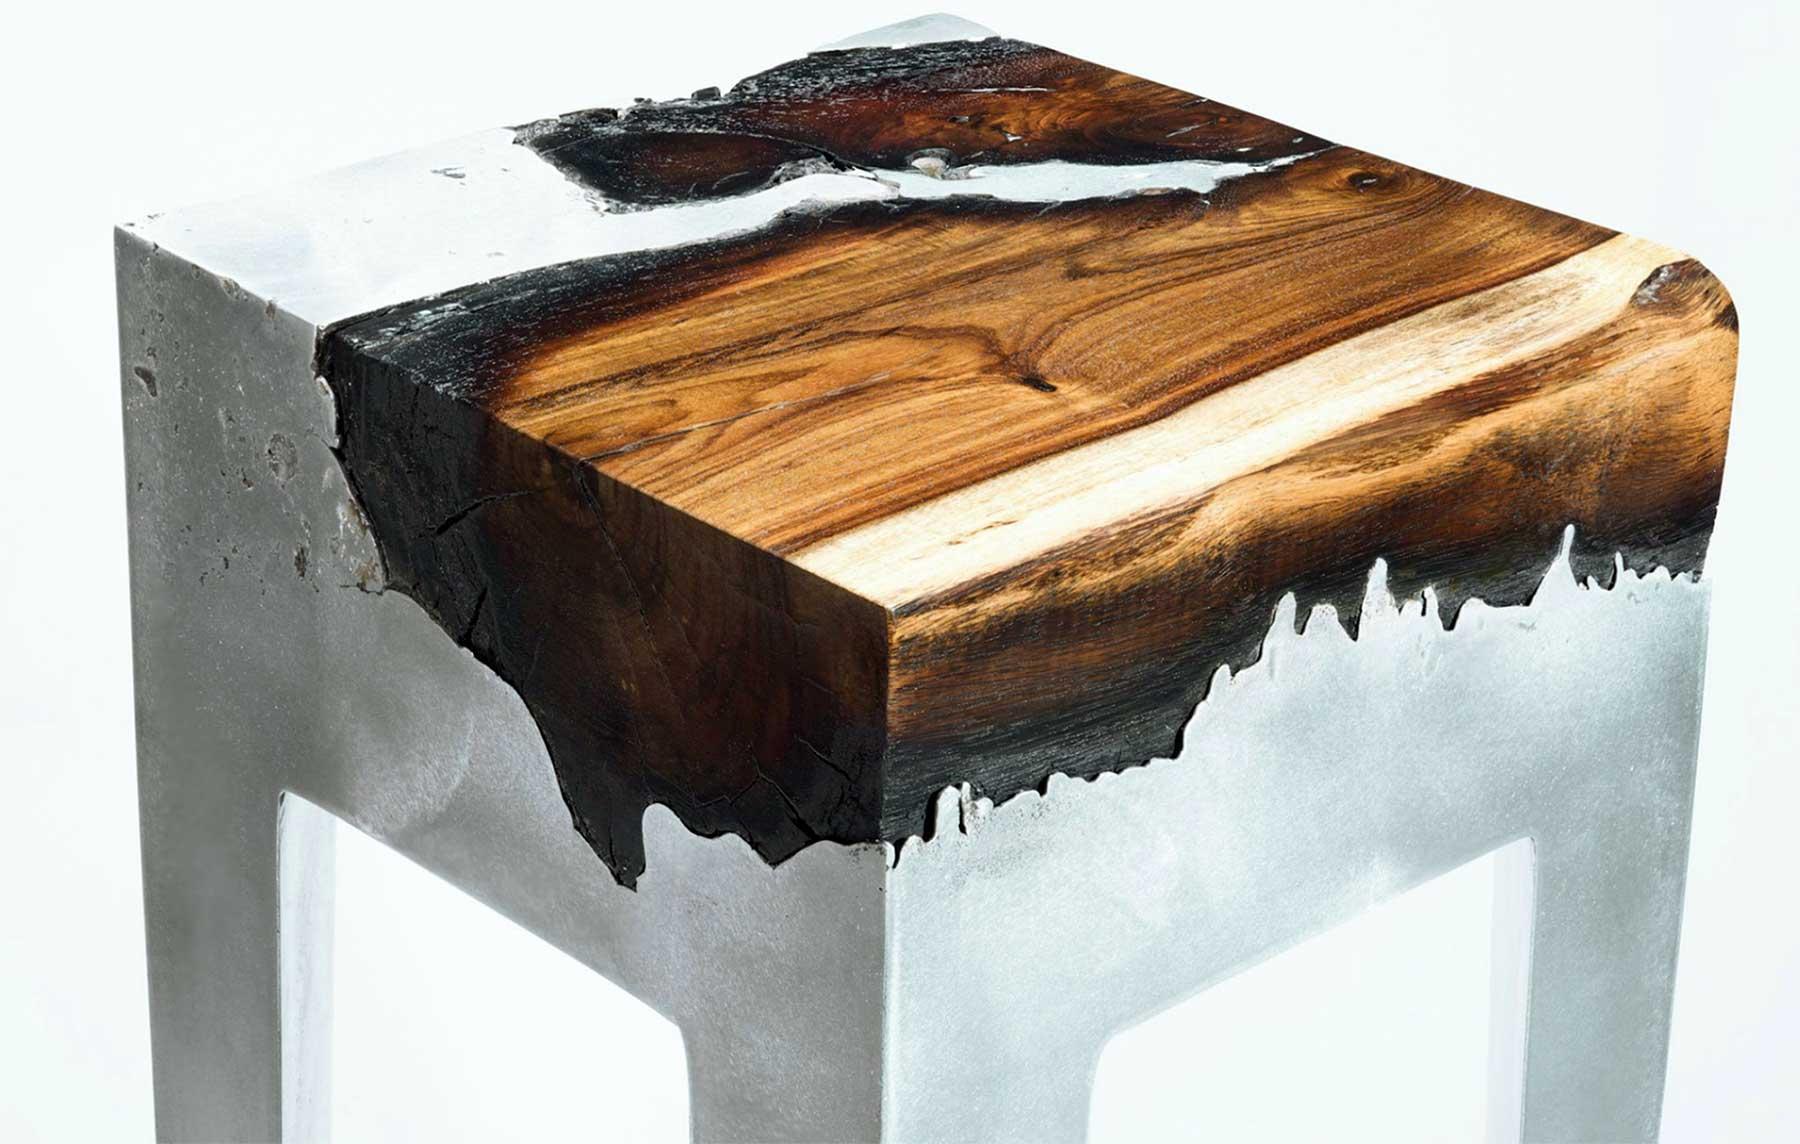 Aluminium-Holz-Möbel von Hilla Shamia Hilla-Shamia-design-studio_05